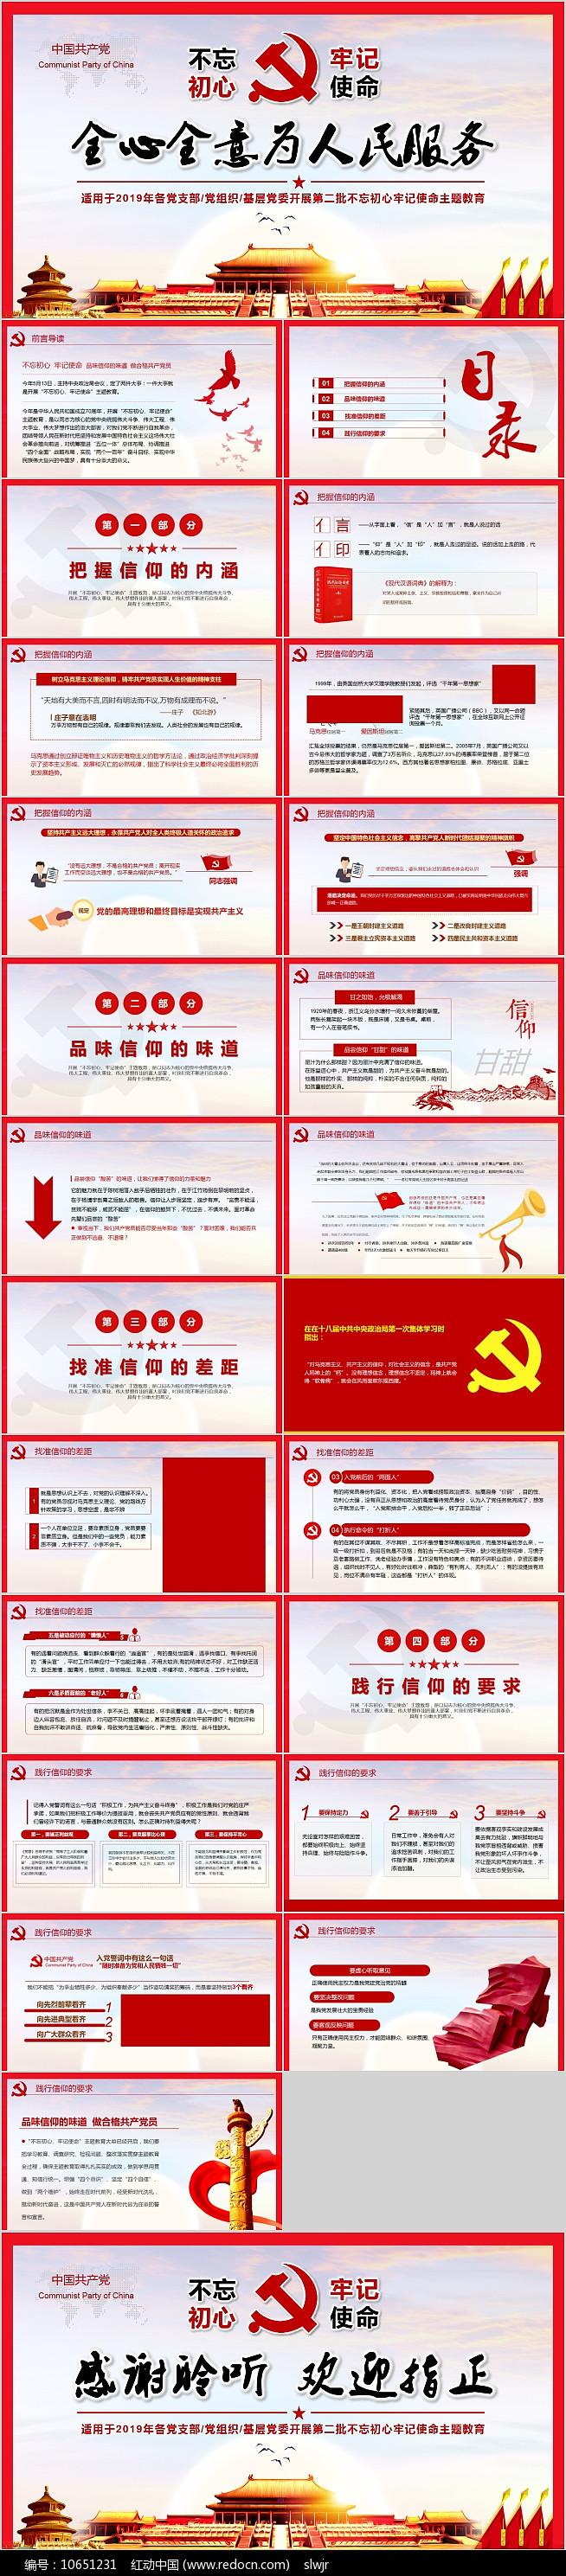 全心全意为人民服务党建PPT模板图片